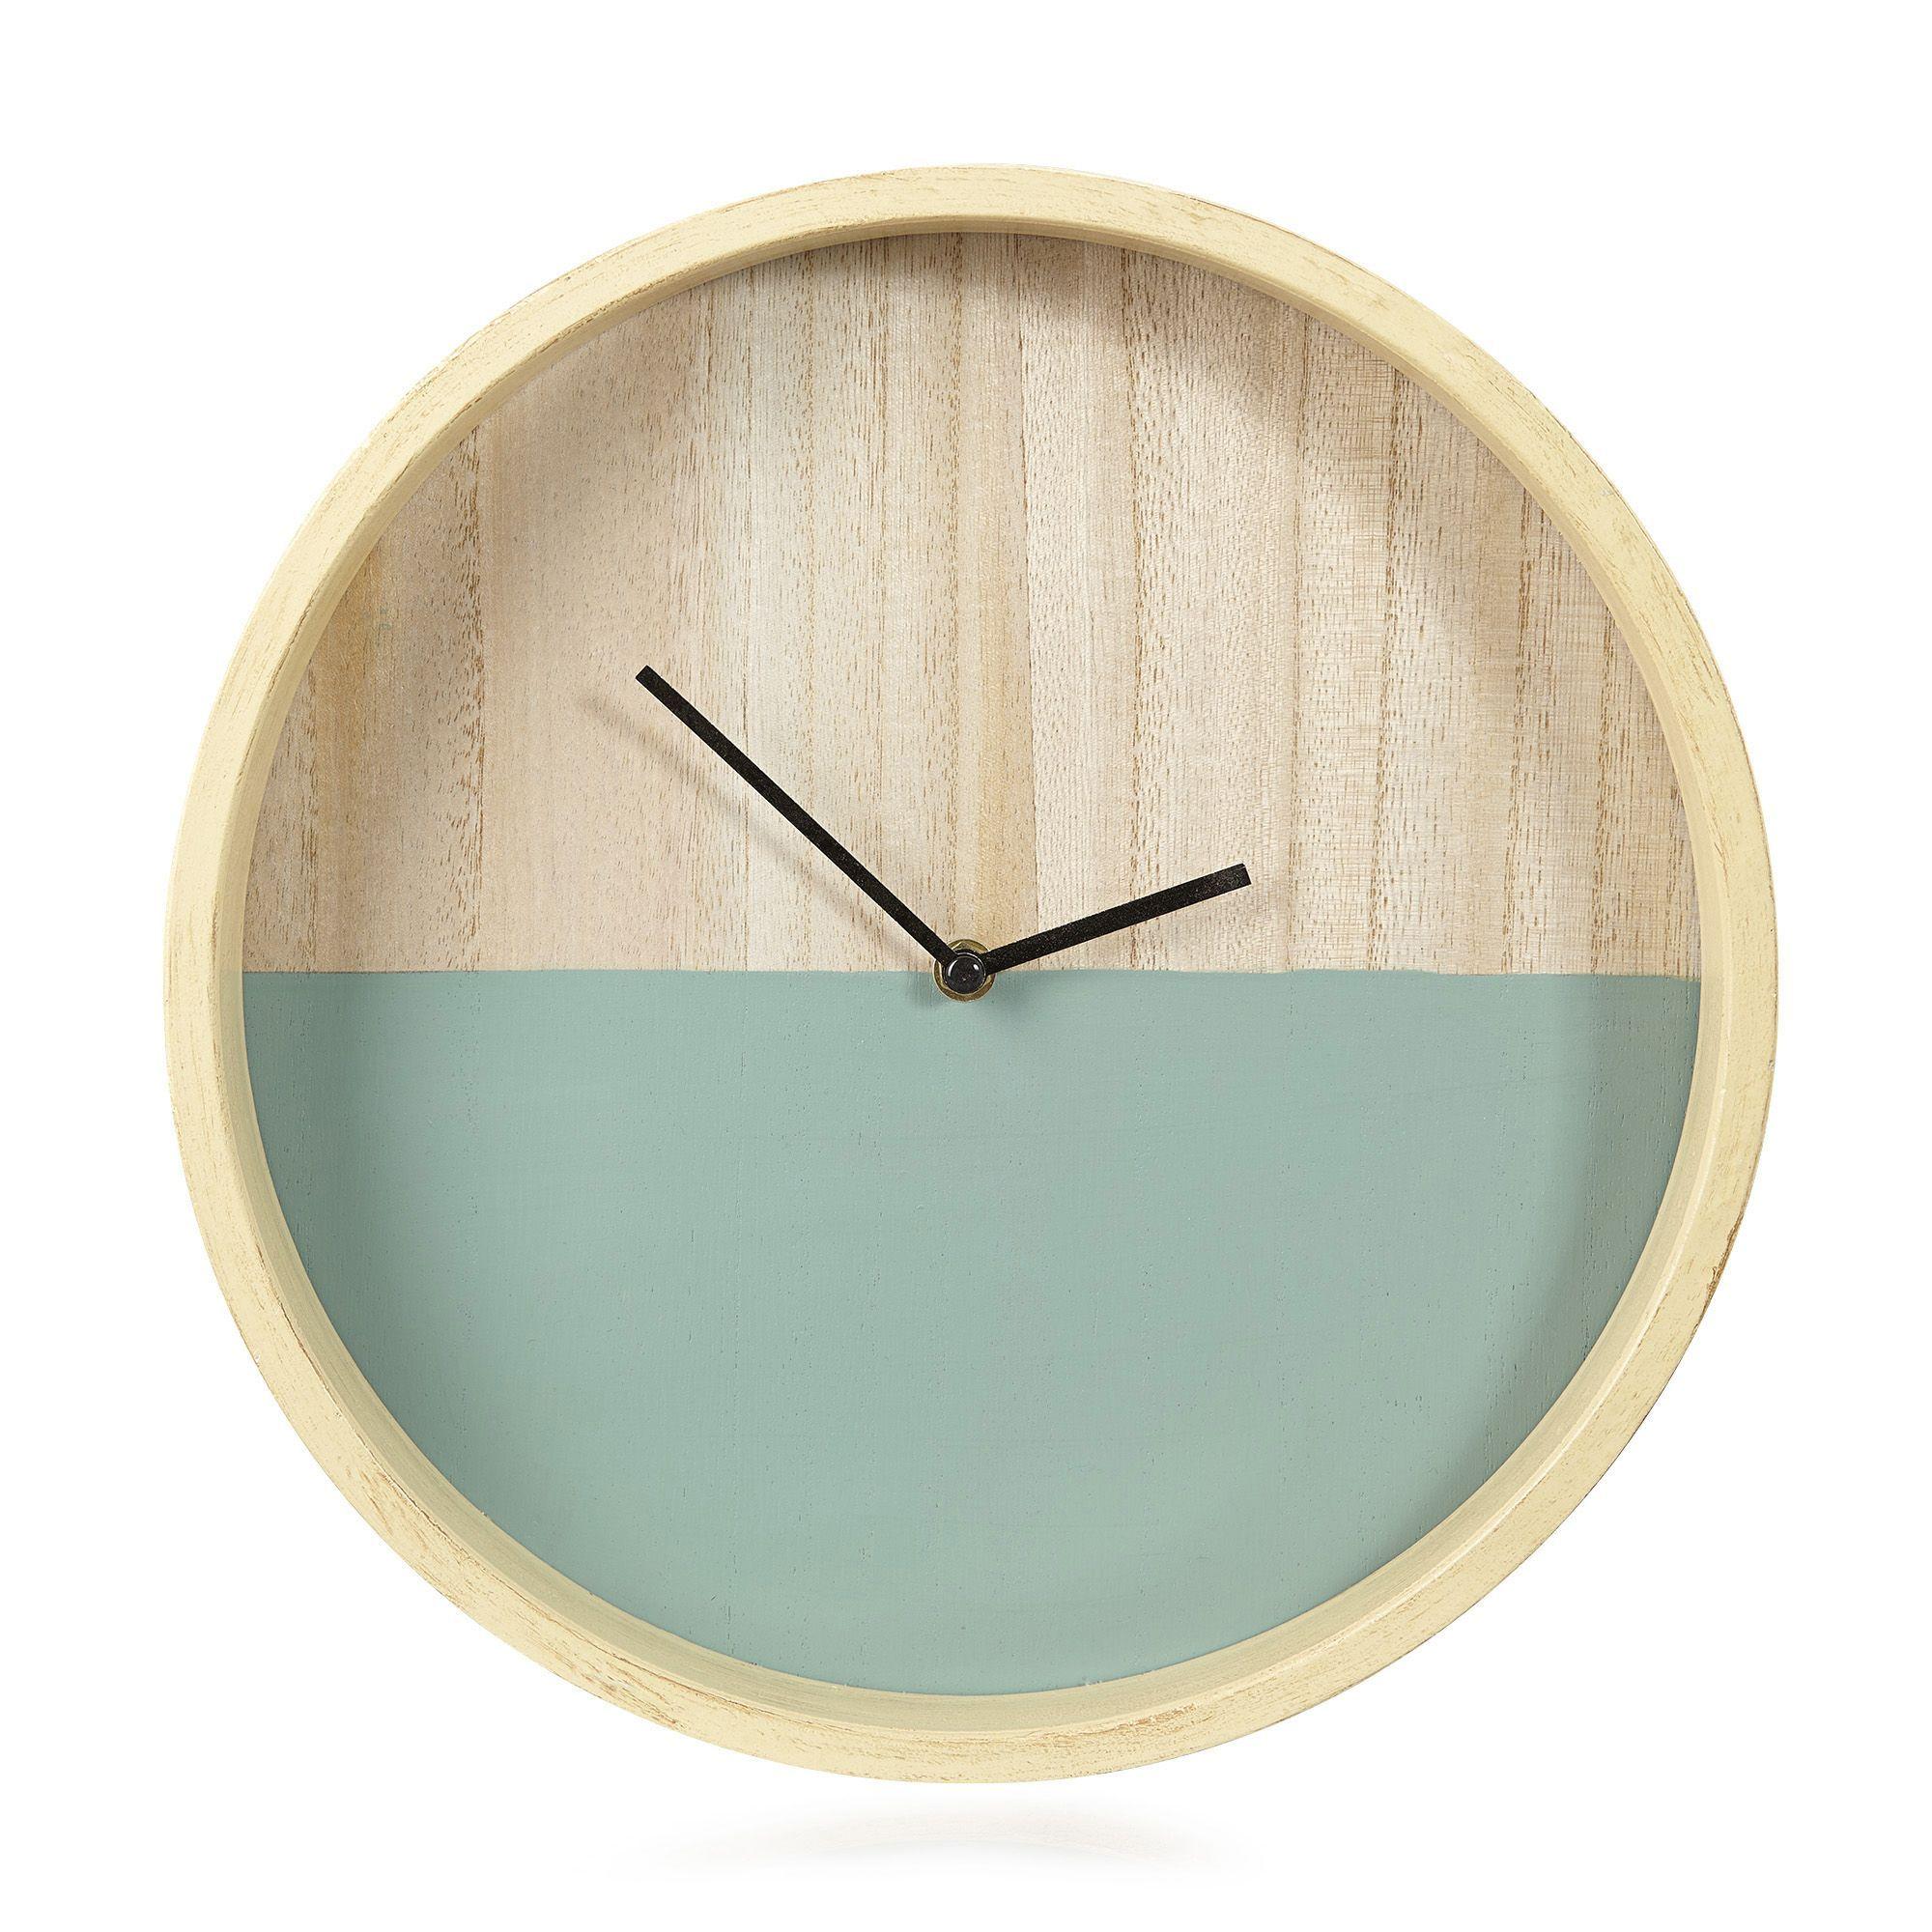 horloge verte d34cm julia horloges horloges r veils toute la d co par type de produit. Black Bedroom Furniture Sets. Home Design Ideas